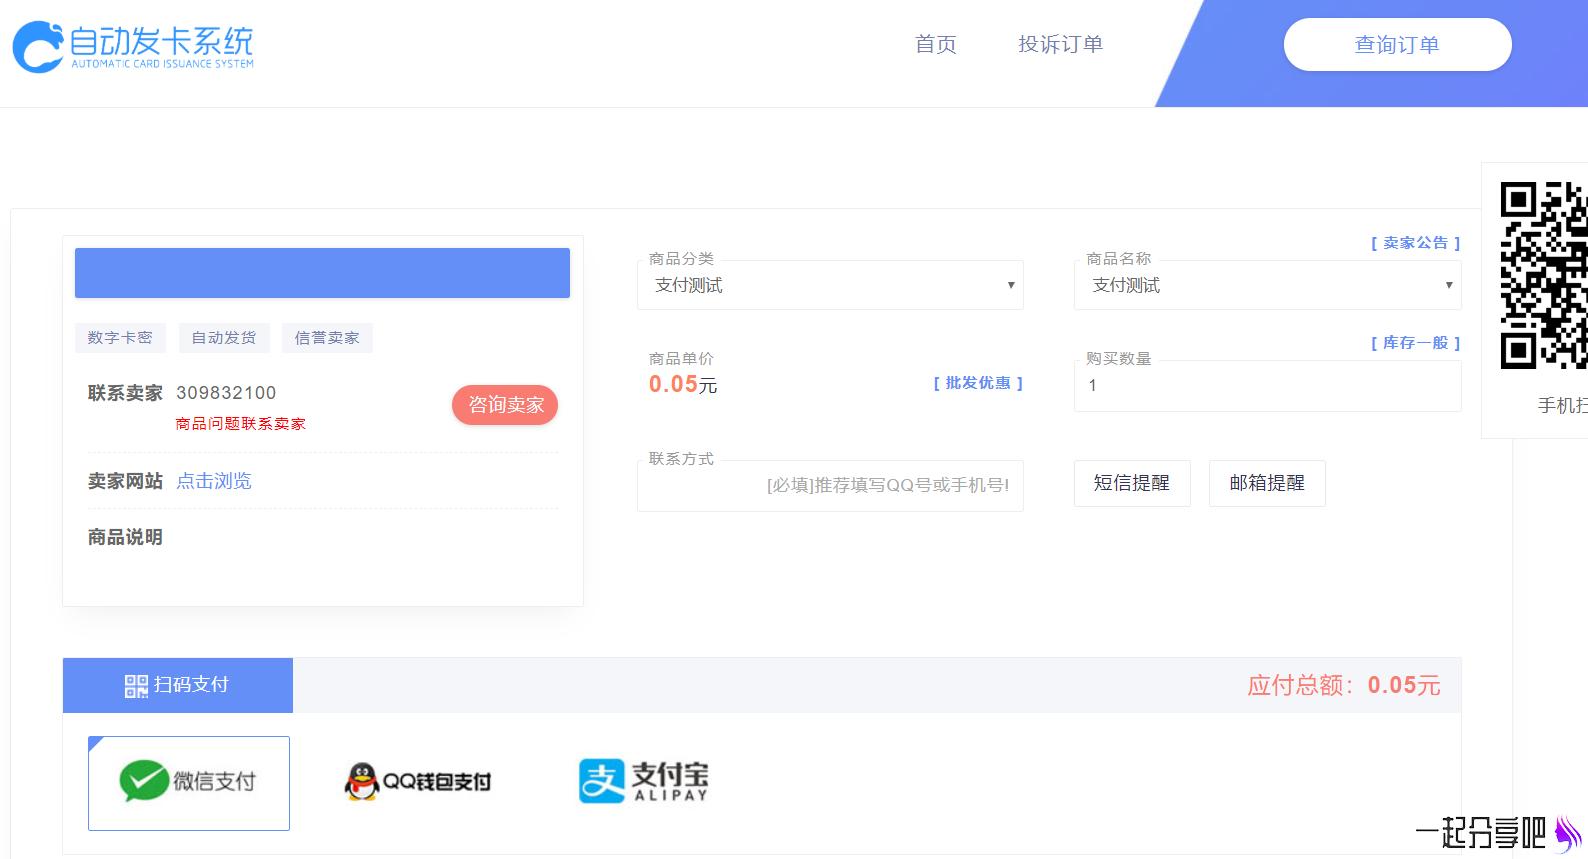 知宇自动发卡系统源码-支持多个免签约支付接口 第2张